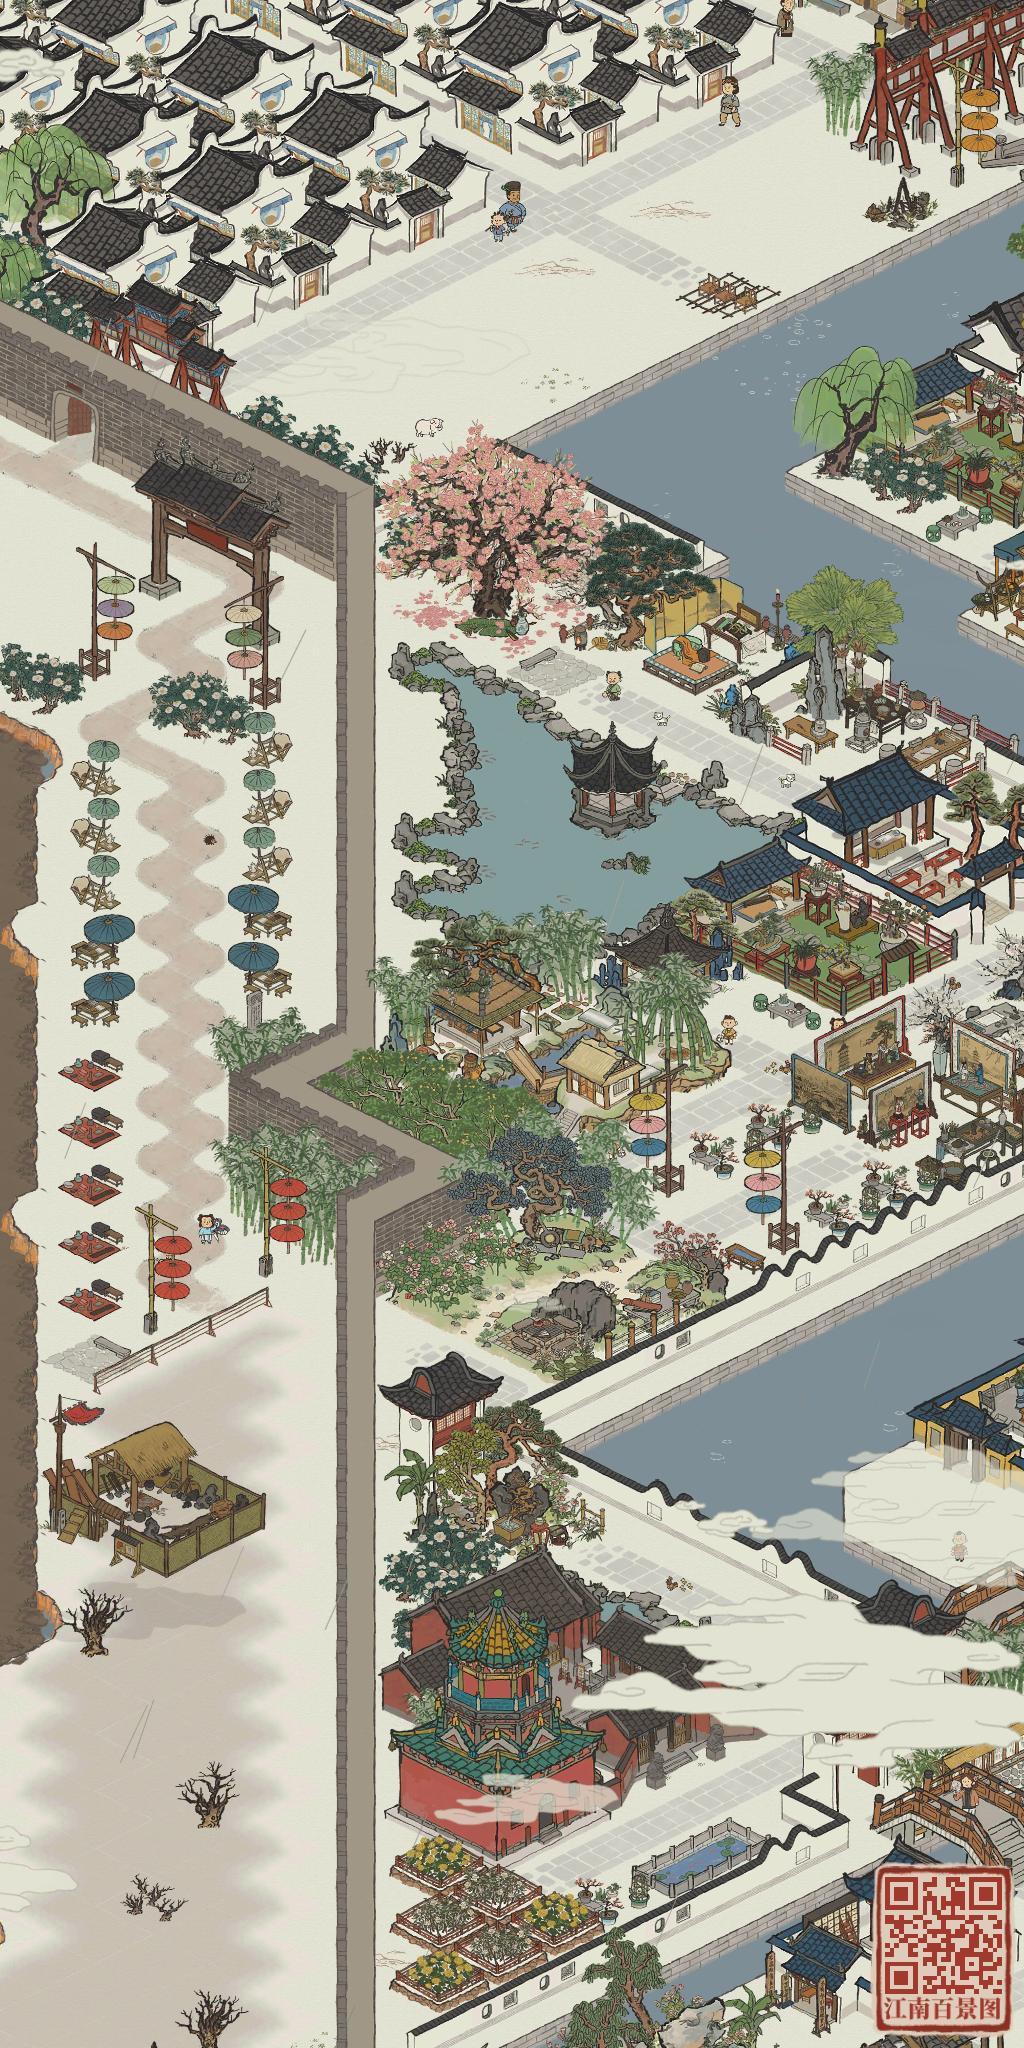 江南百景图杭州三角区布局攻略 最新布局技巧分享